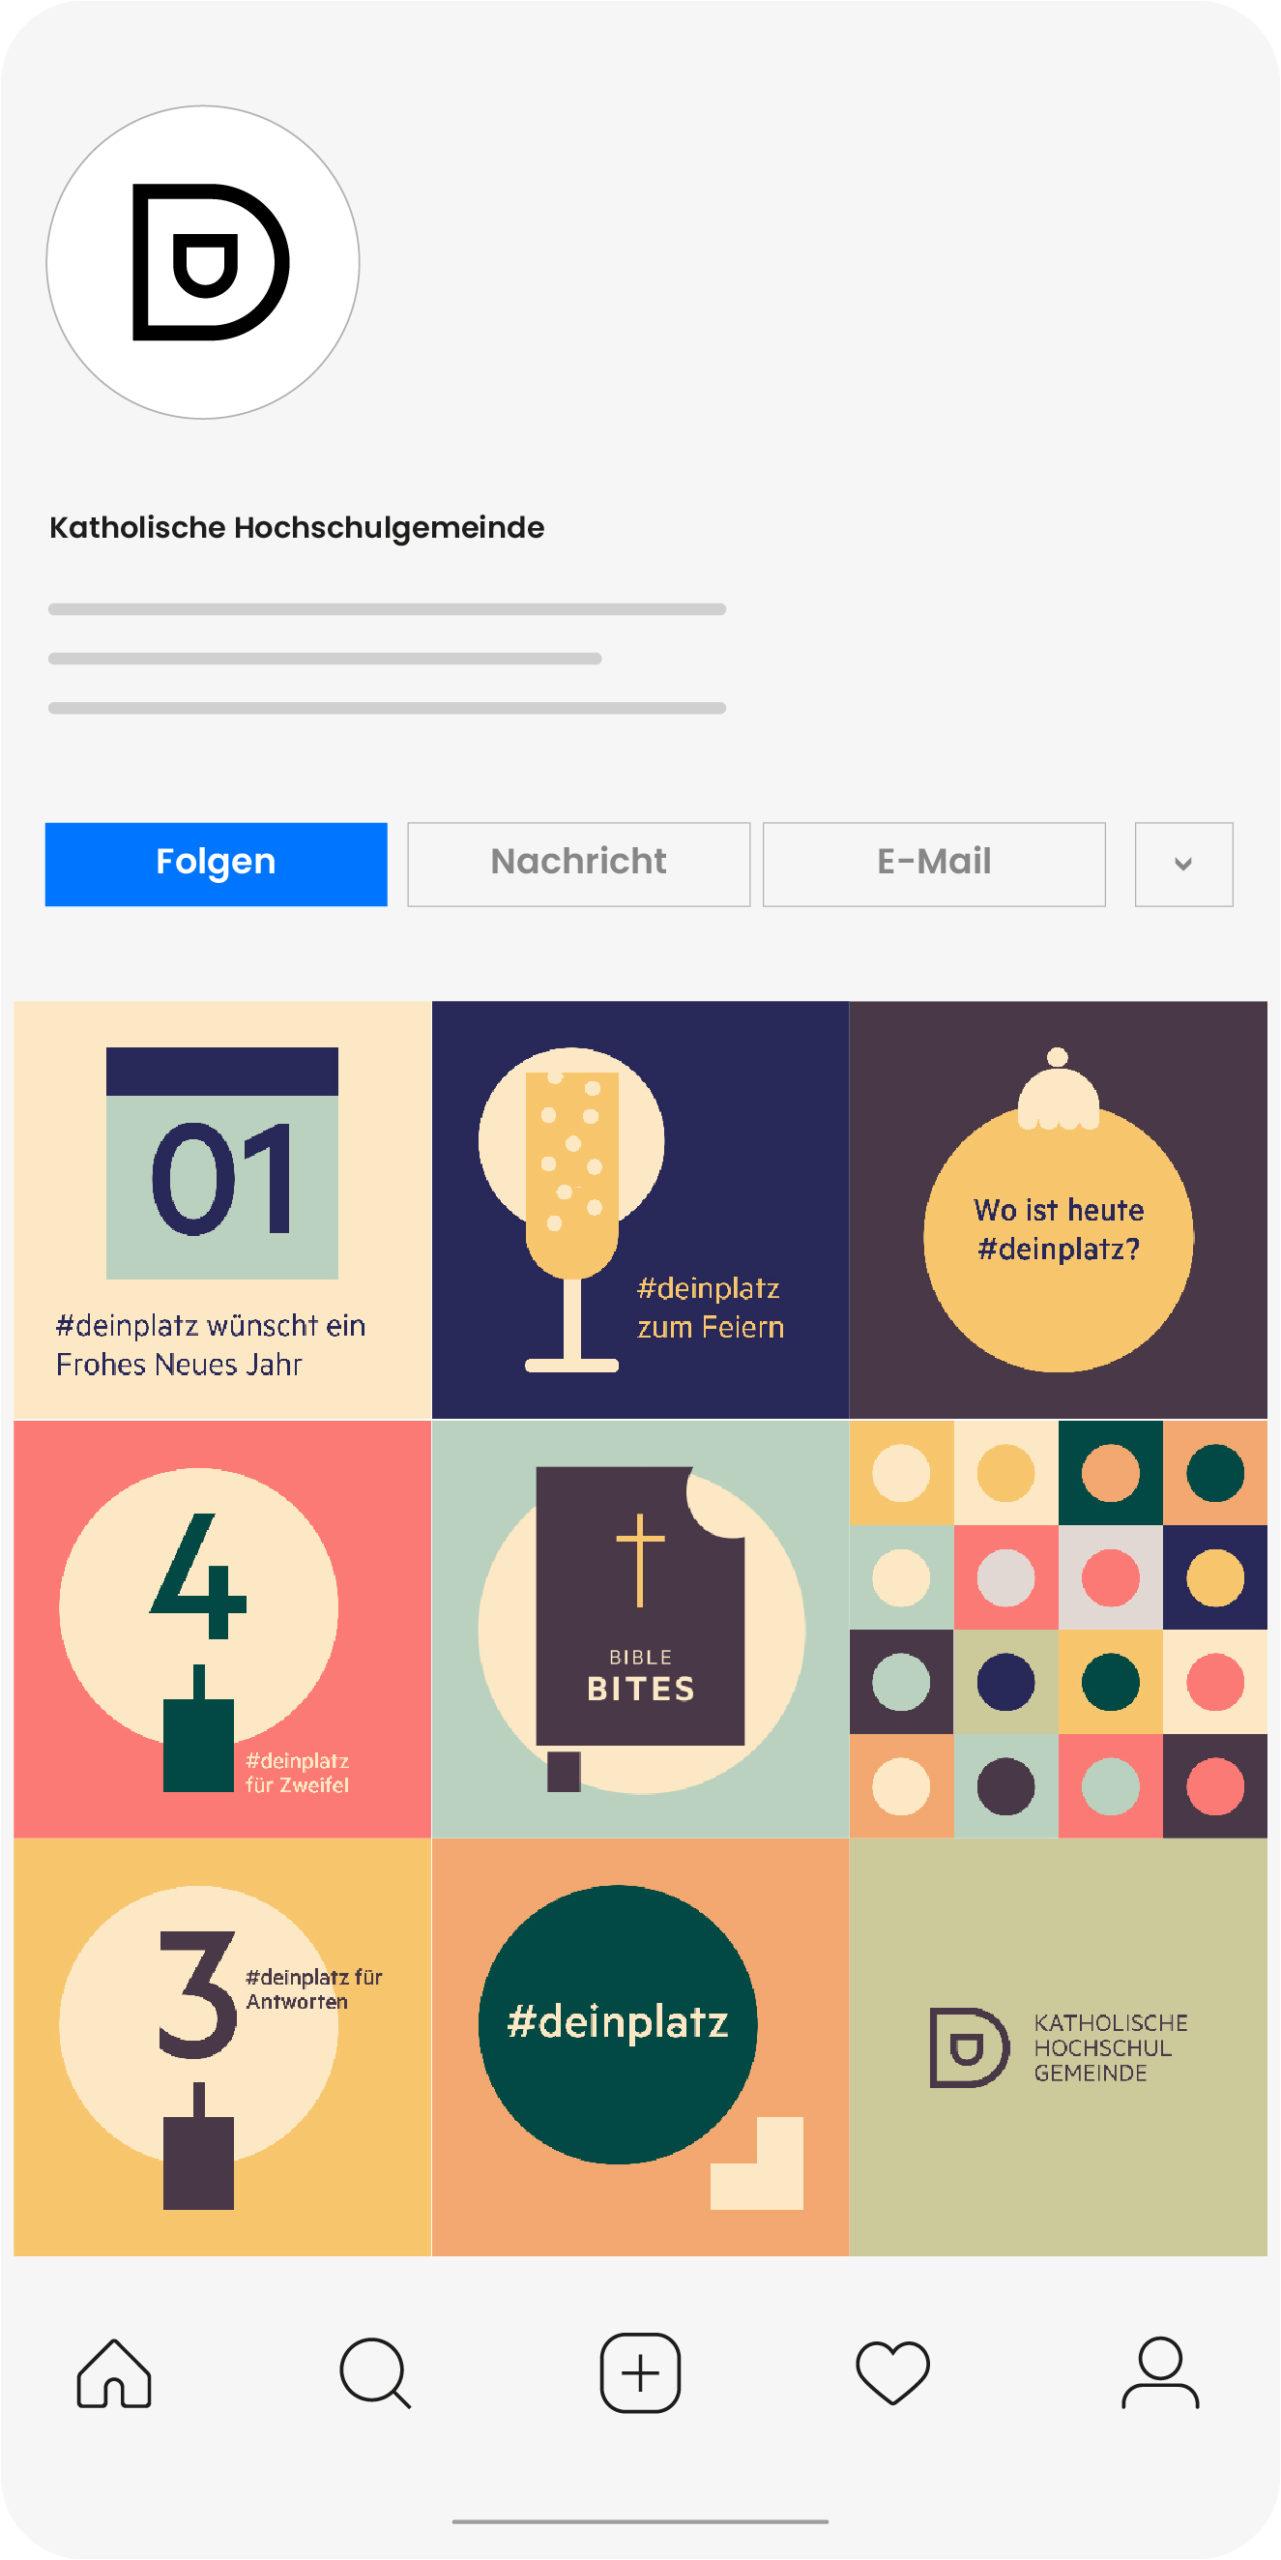 Katholische Hochschulgemeinde Düsseldorf Social Media Post auf Instagram Übersicht